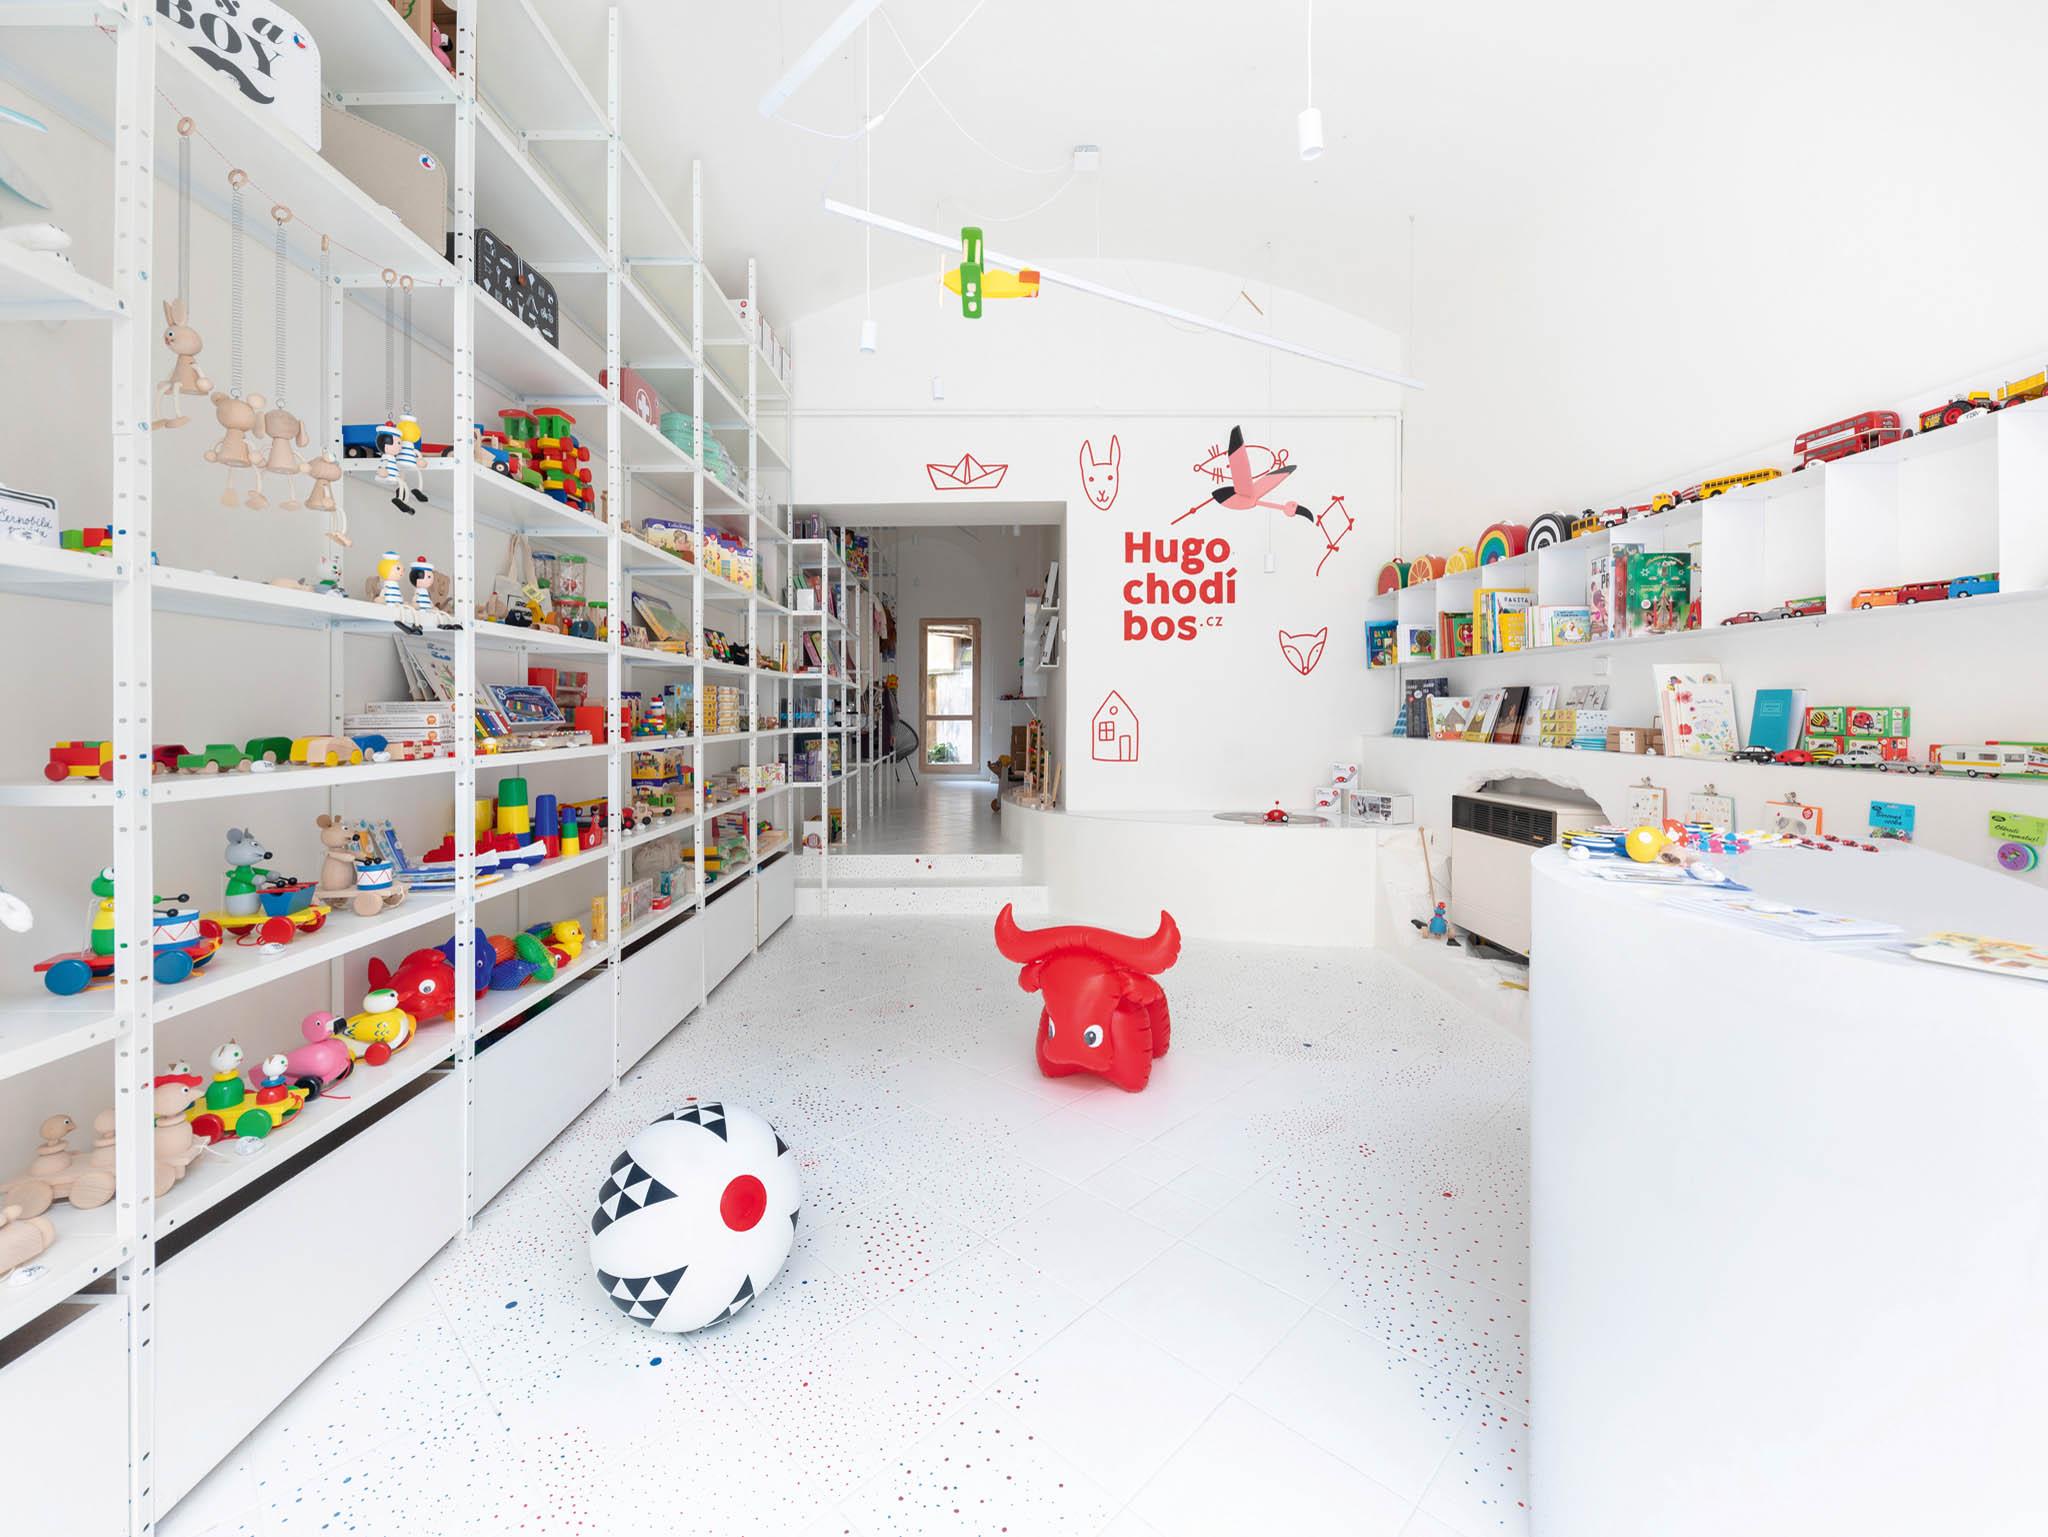 Stoprocentně české hračkářství Hugo chodí bos otevřelo už druhou pobočku. Ato přímo namístě, kde kdysi byla opravna hraček. Anatradici hodlá navázat.